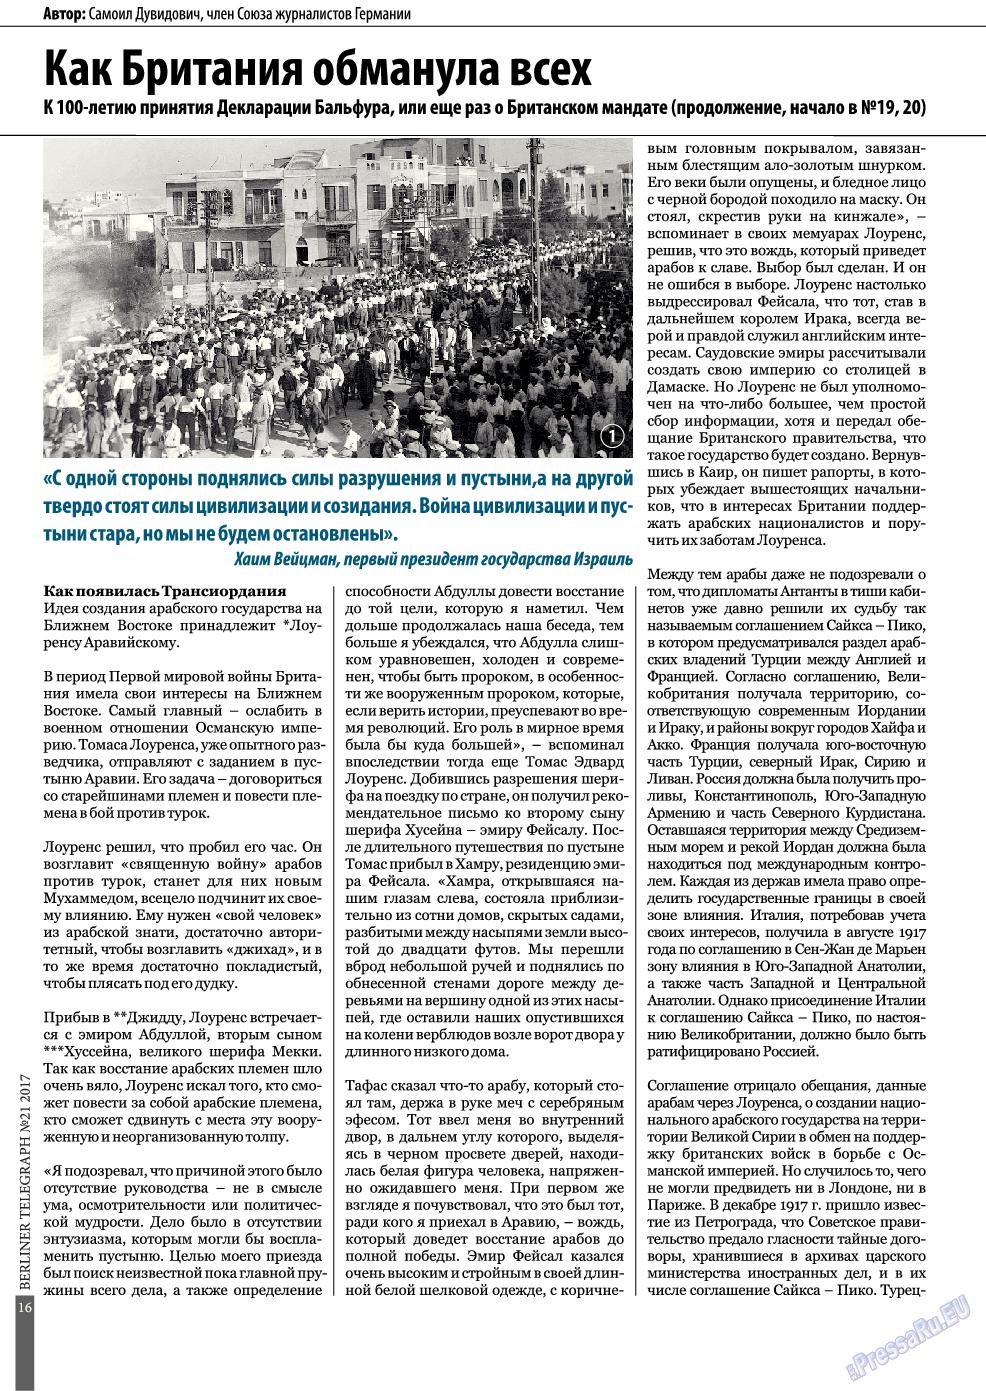 Берлинский телеграф (журнал). 2017 год, номер 21, стр. 16